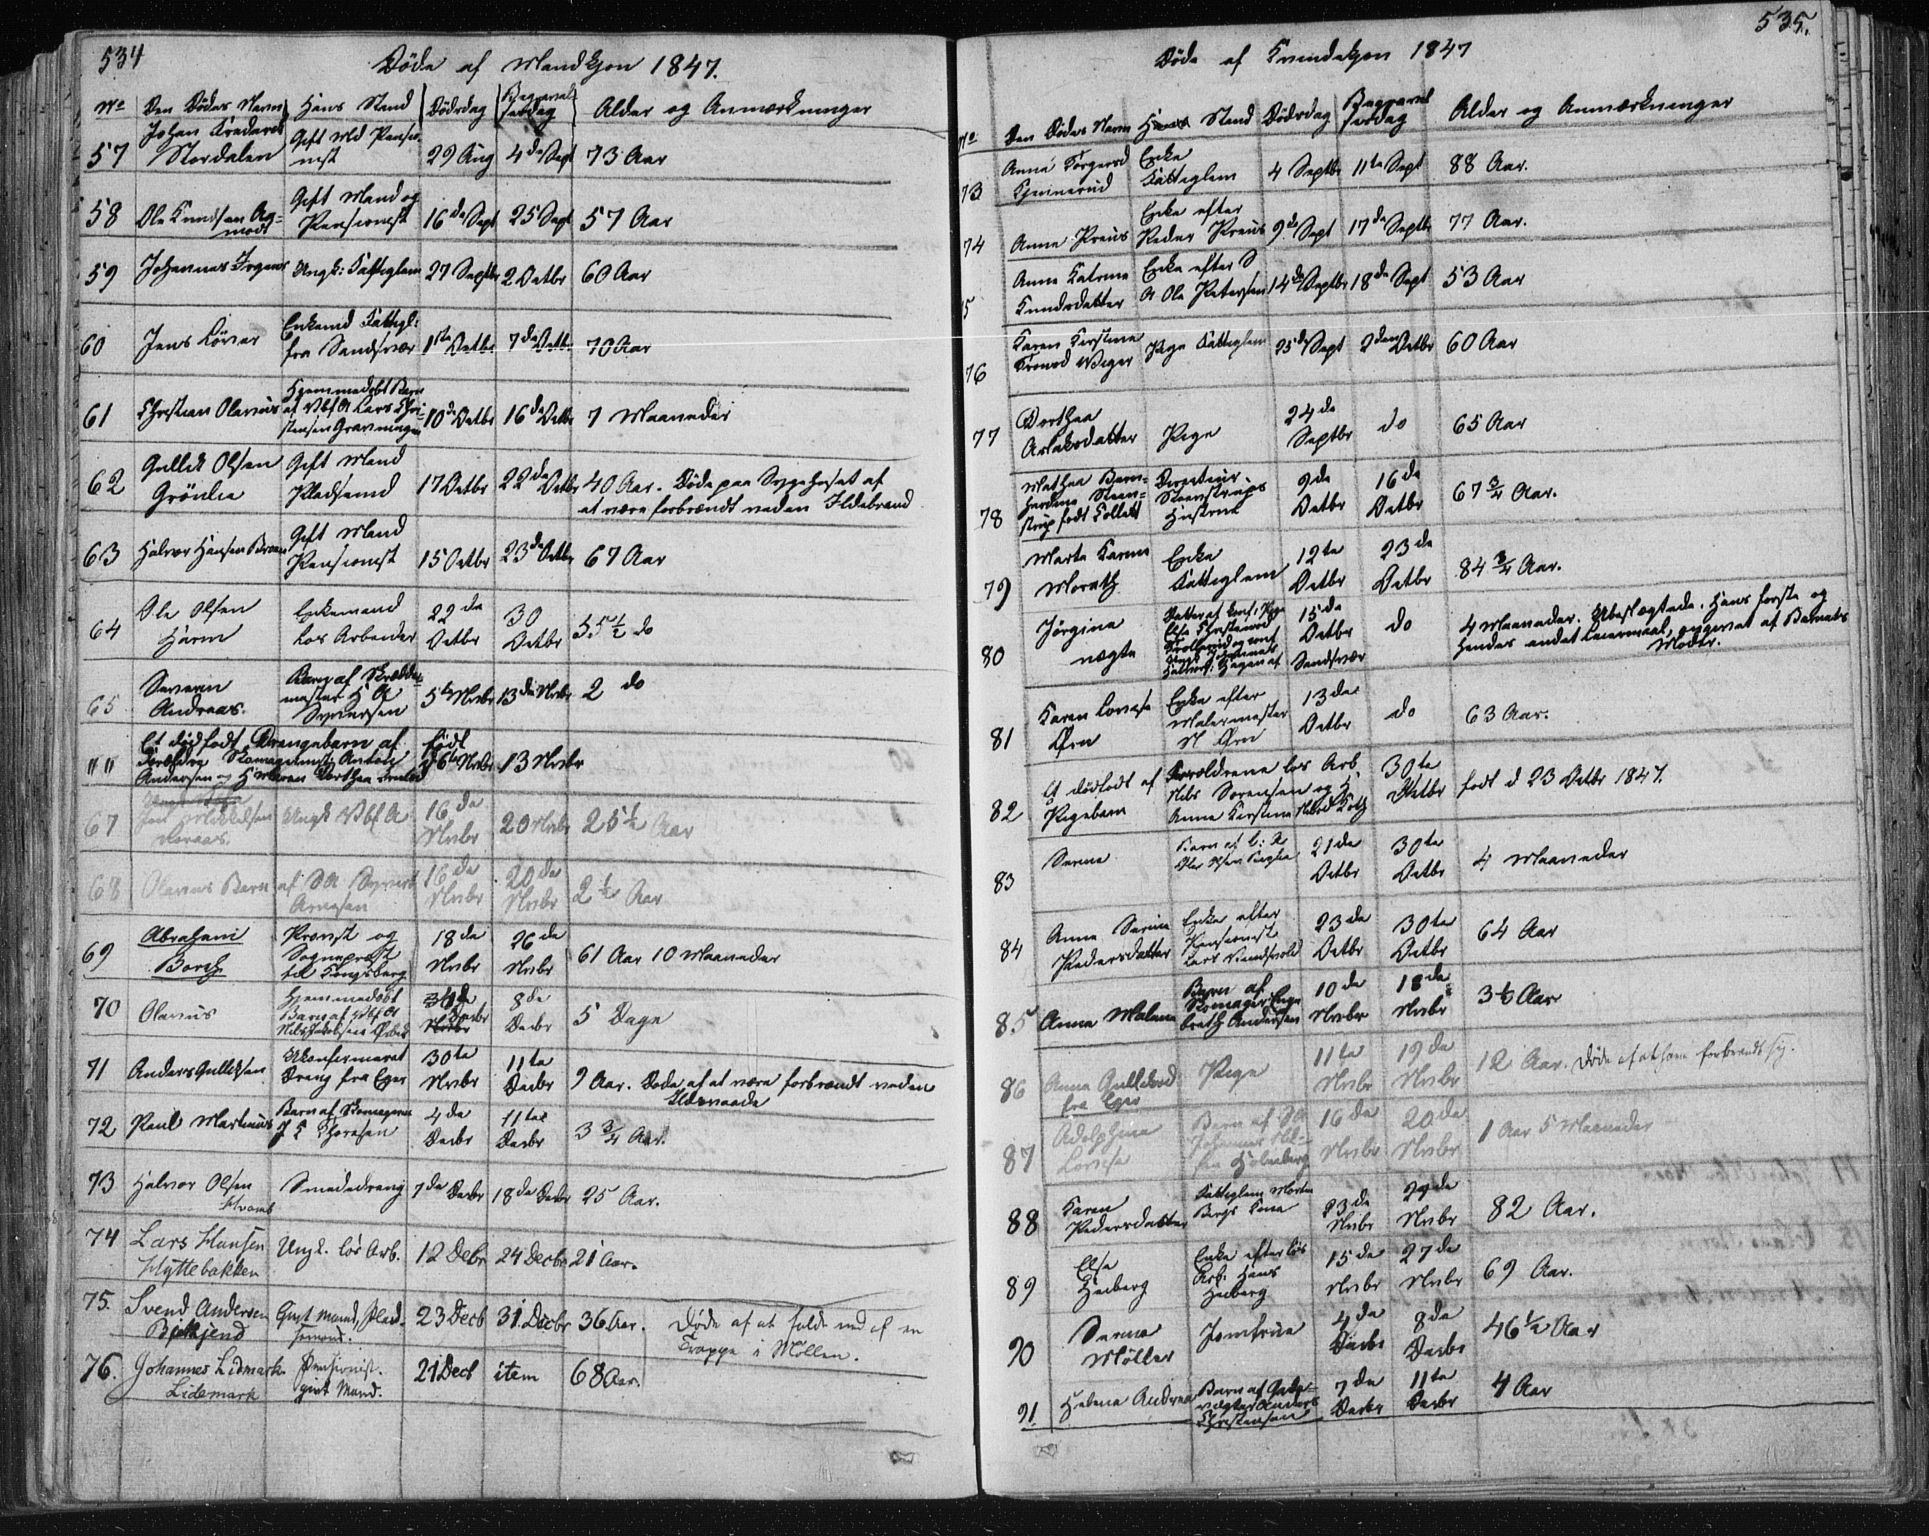 SAKO, Kongsberg kirkebøker, F/Fa/L0009: Ministerialbok nr. I 9, 1839-1858, s. 534-535